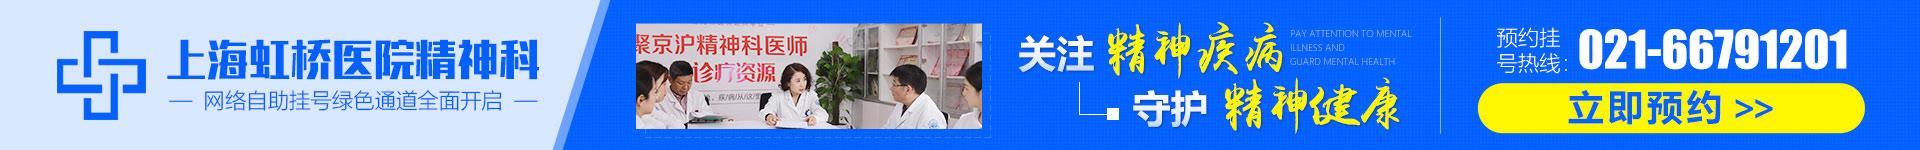 上海精神障碍医院